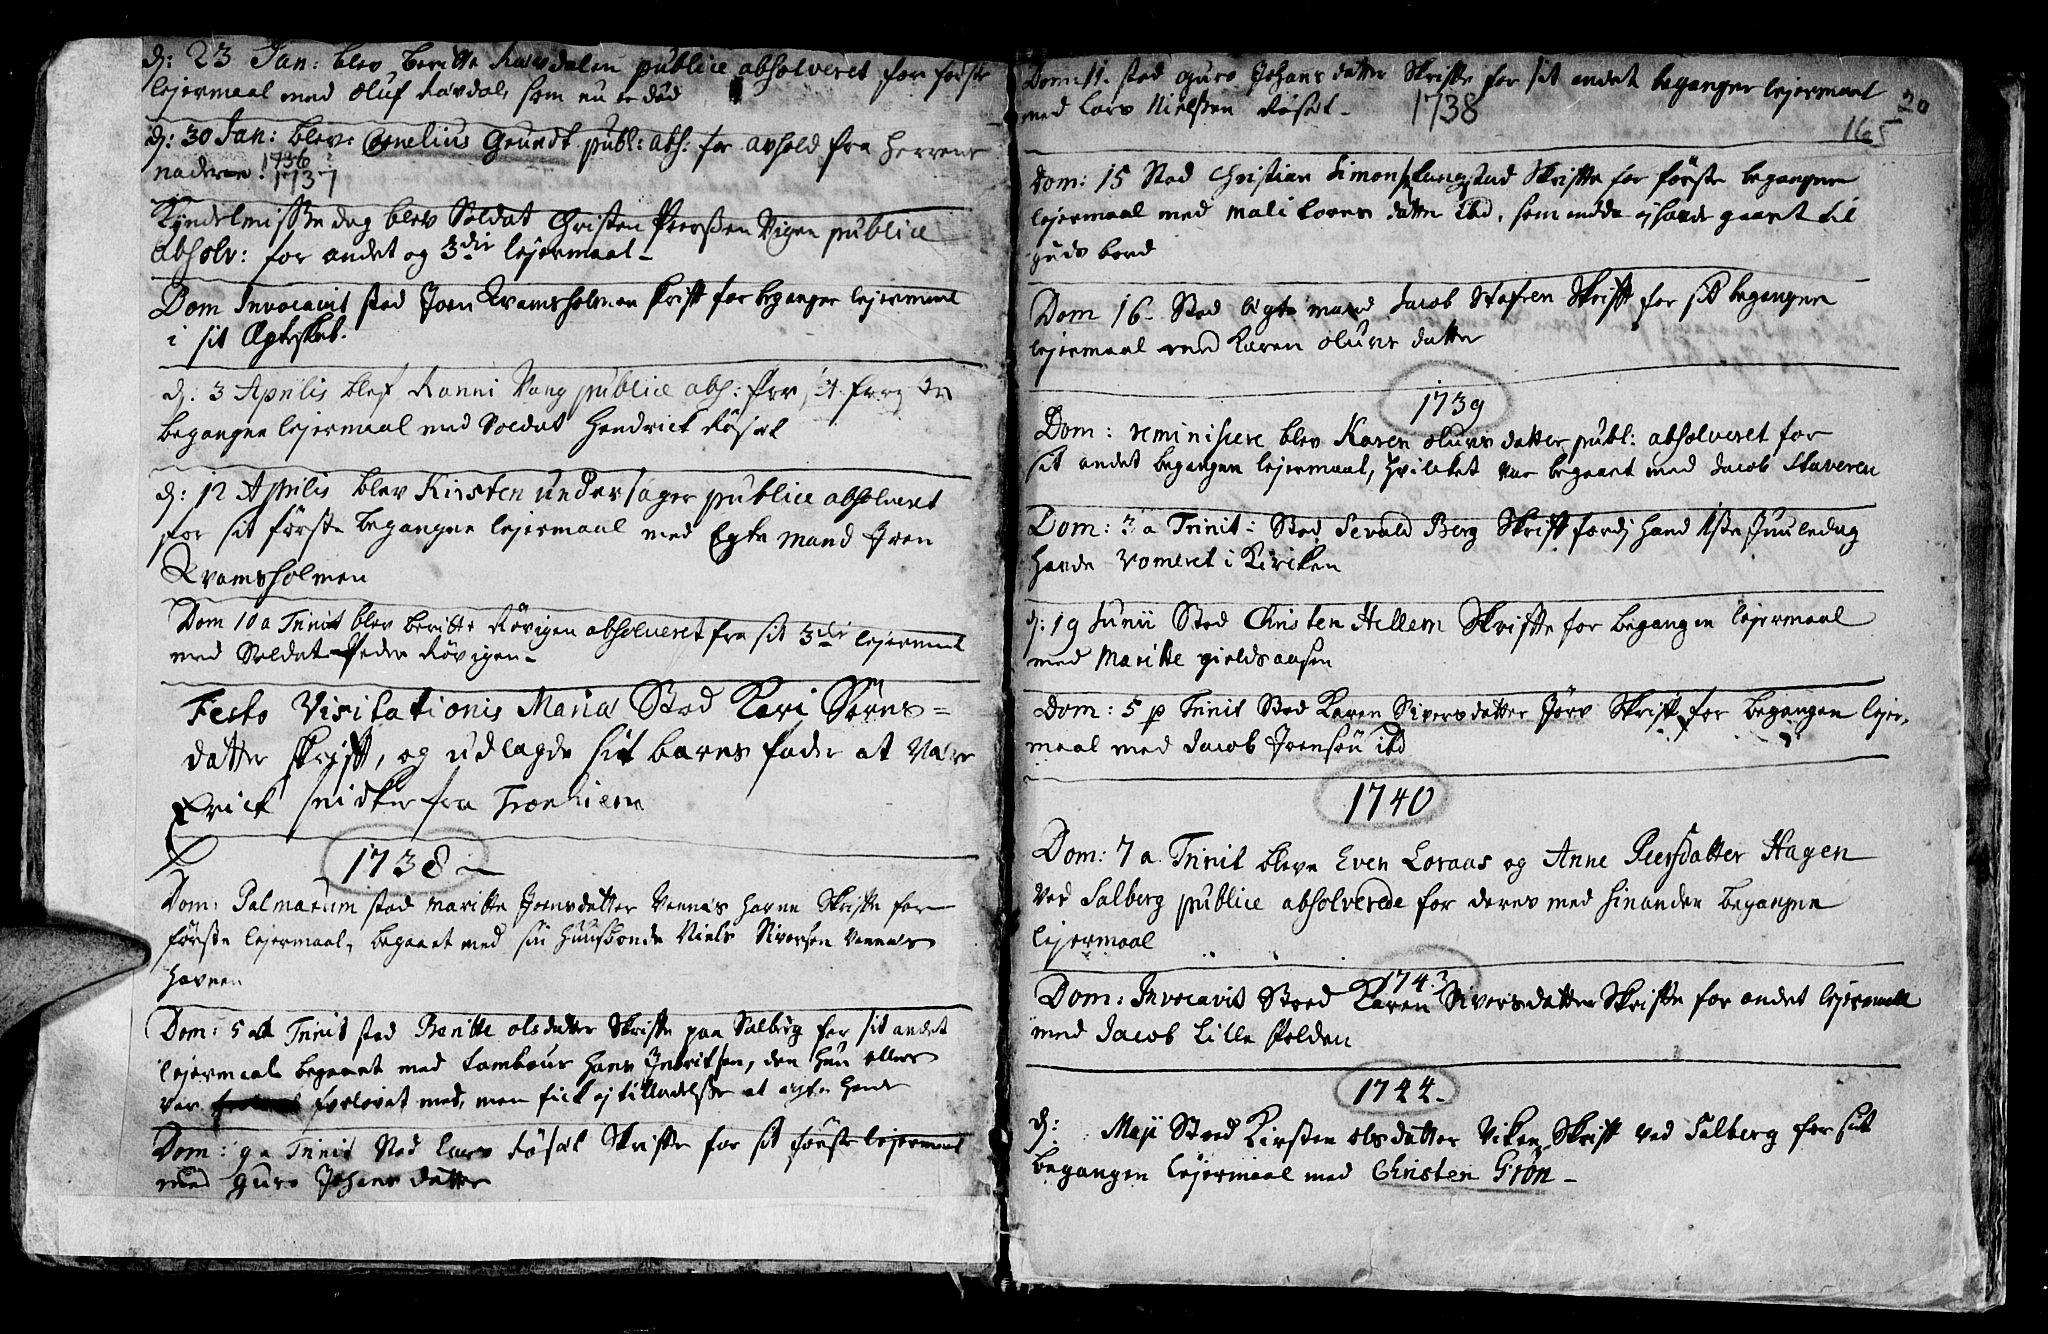 SAT, Ministerialprotokoller, klokkerbøker og fødselsregistre - Nord-Trøndelag, 730/L0272: Parish register (official) no. 730A01, 1733-1764, p. 165